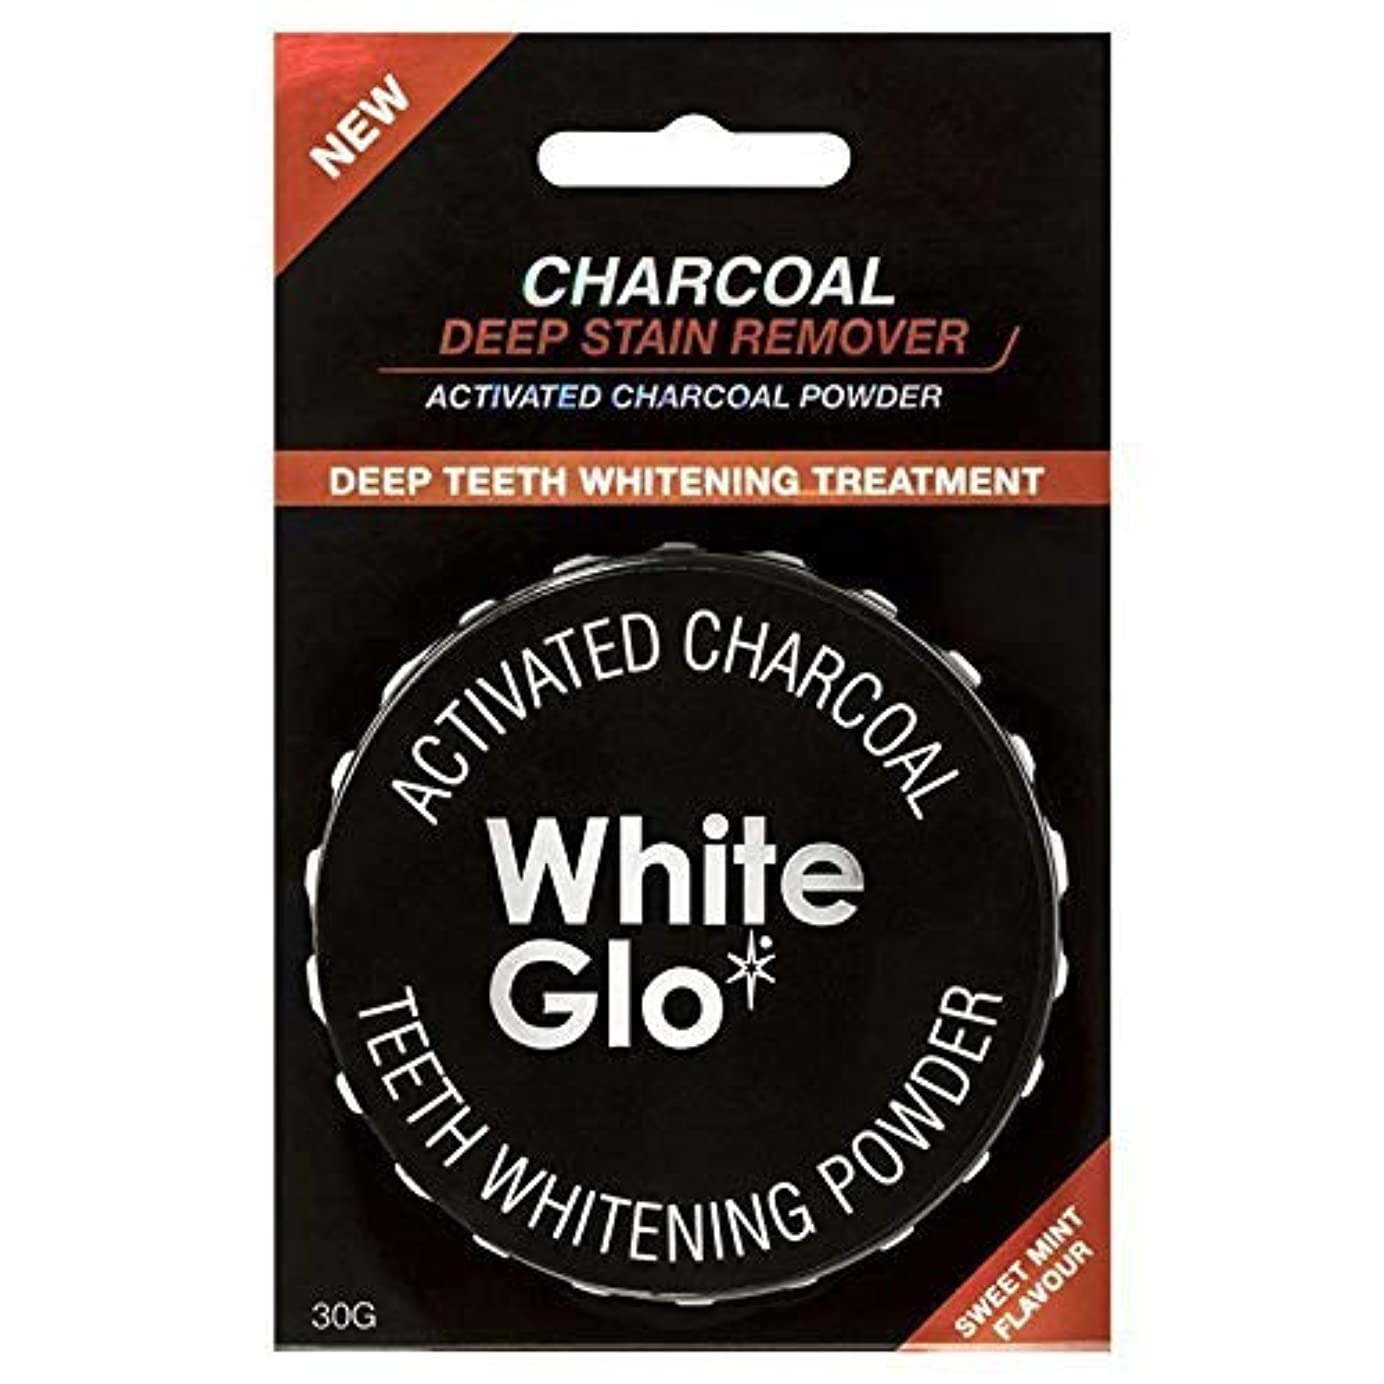 連邦みなさん普遍的なTeeth Whitening Systems White Glo Activated Charcoal Teeth Whitening Powder 30g Australia / システムを白くする歯を白くする歯の粉...